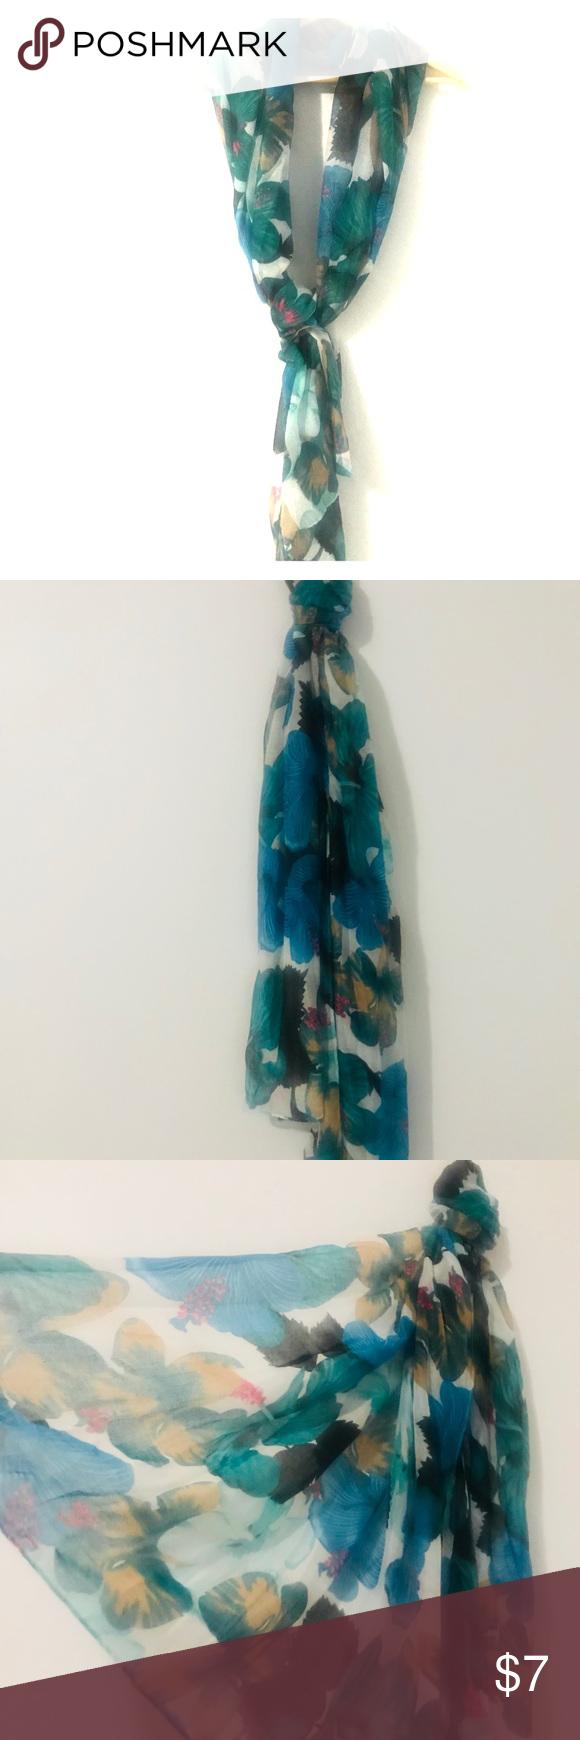 sold🛑 West loop floral scarf NWT Floral scarf, Floral